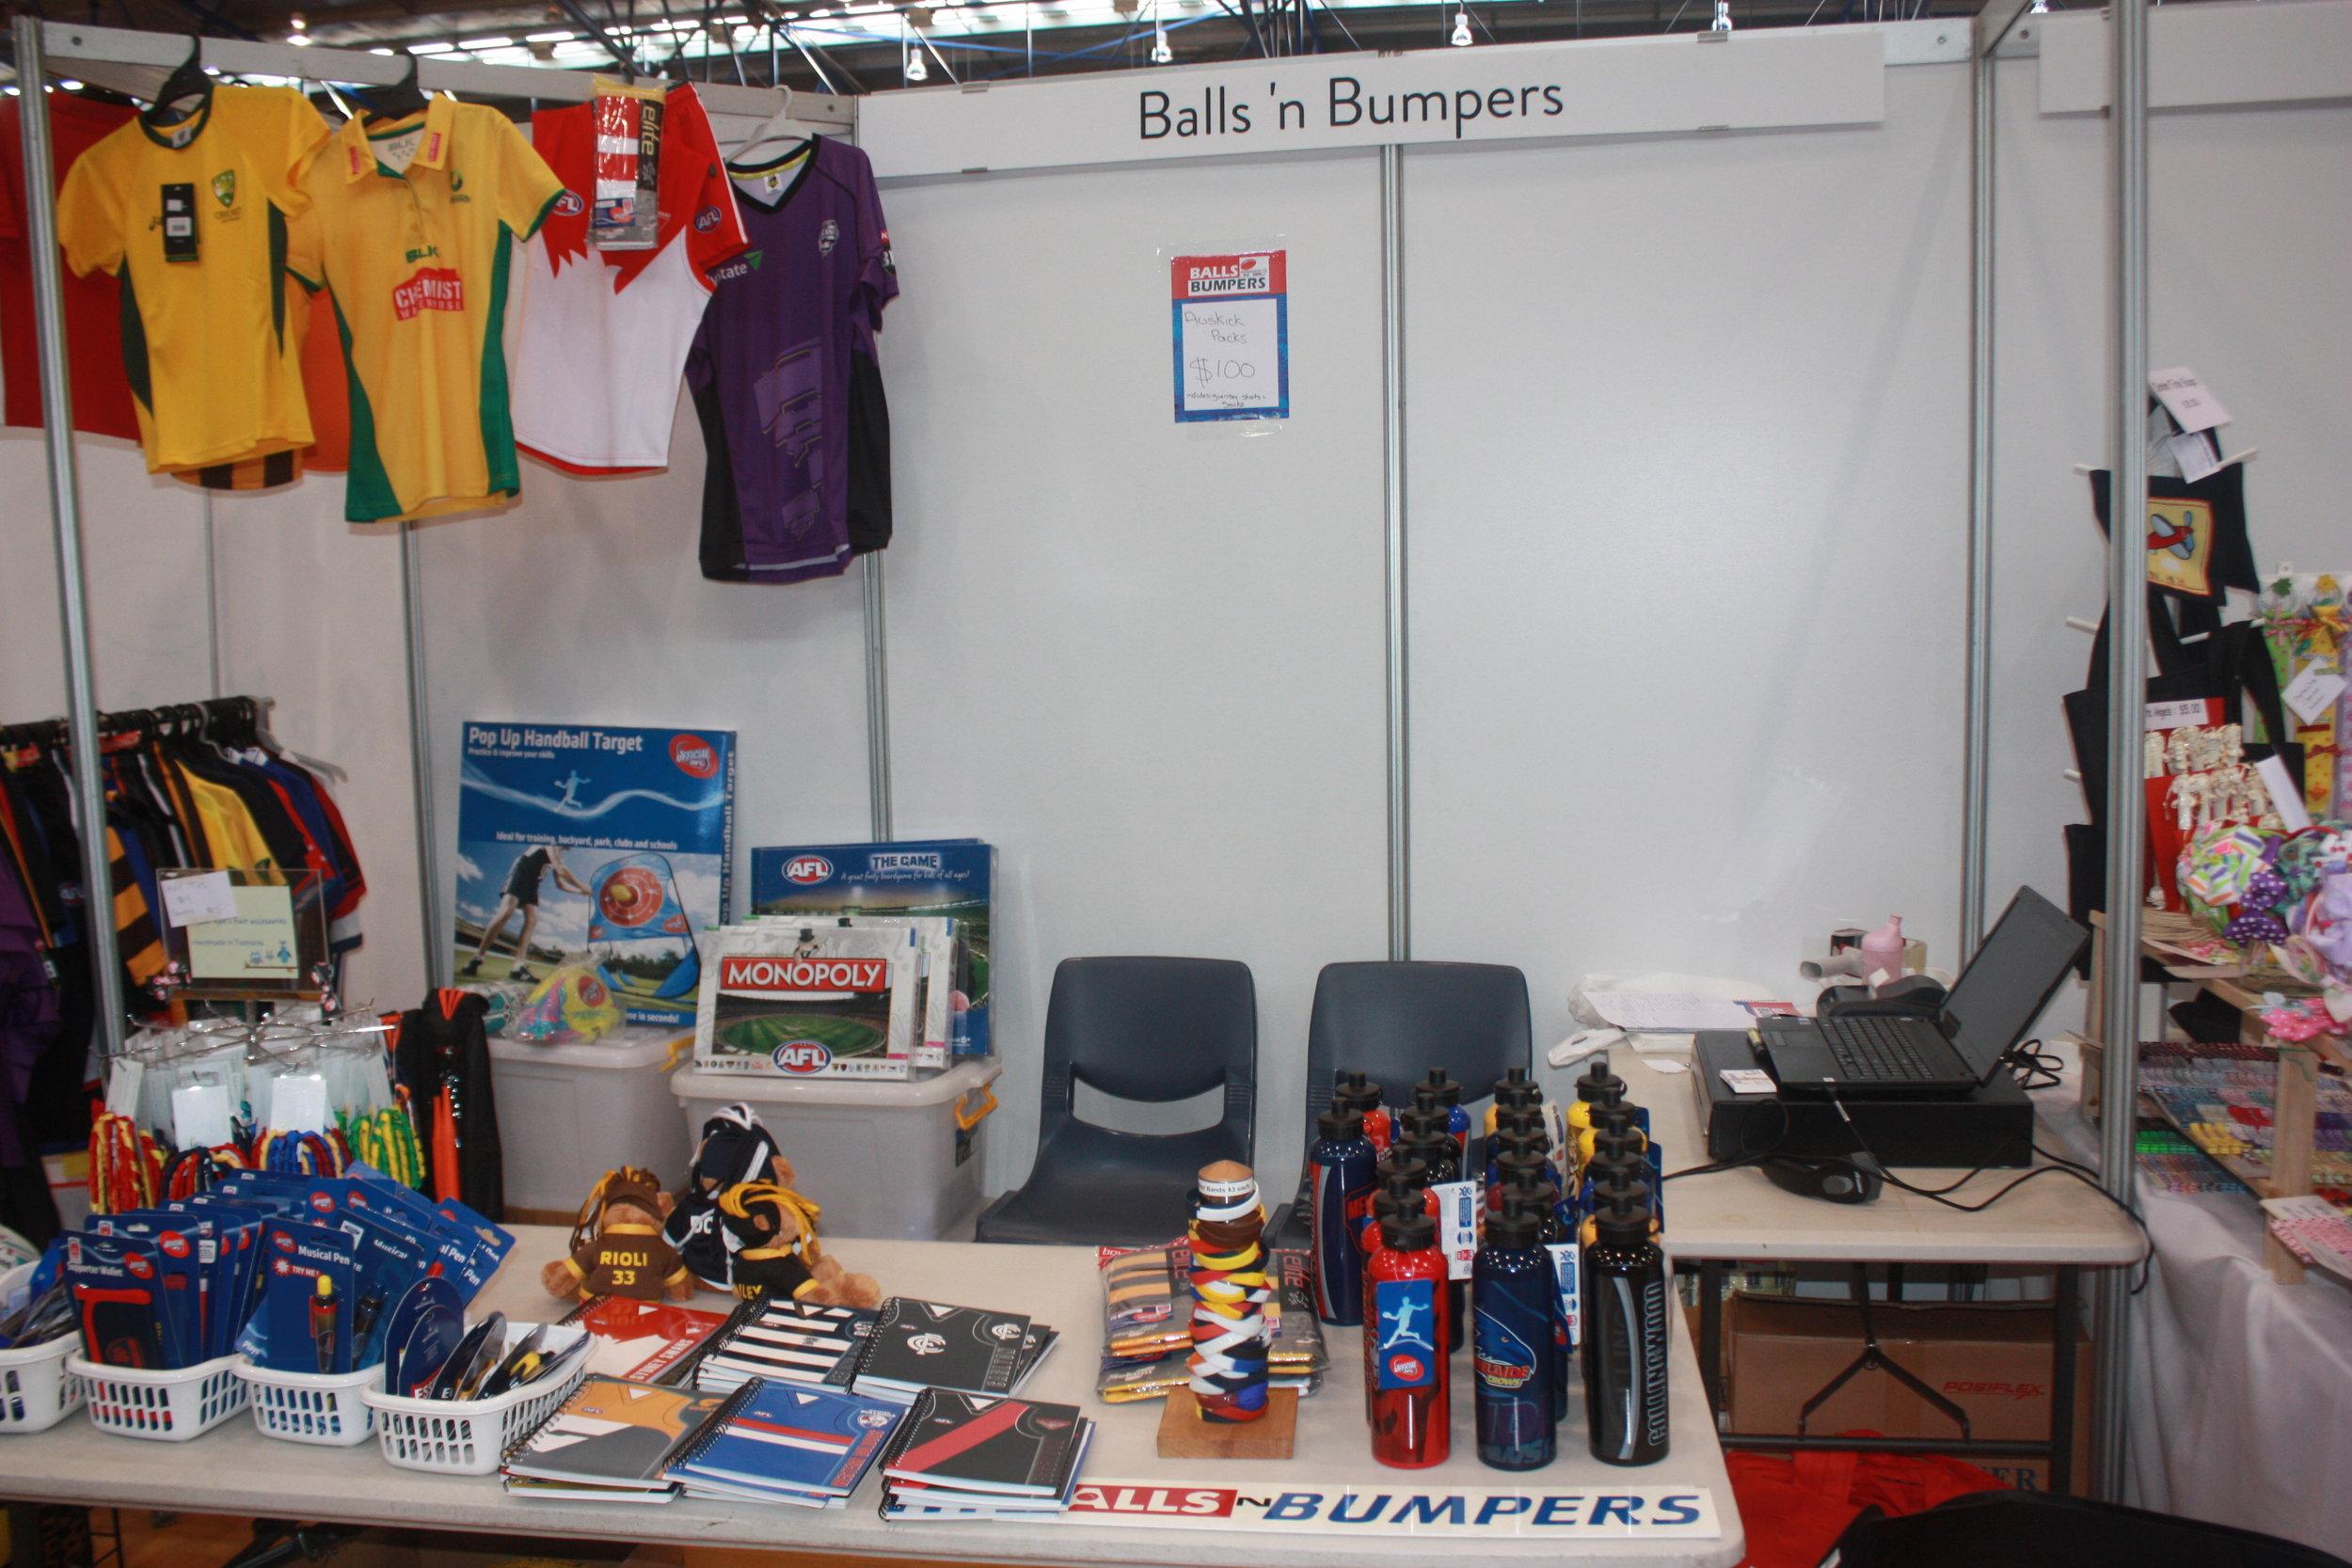 Balls N Bumpers pop up shop